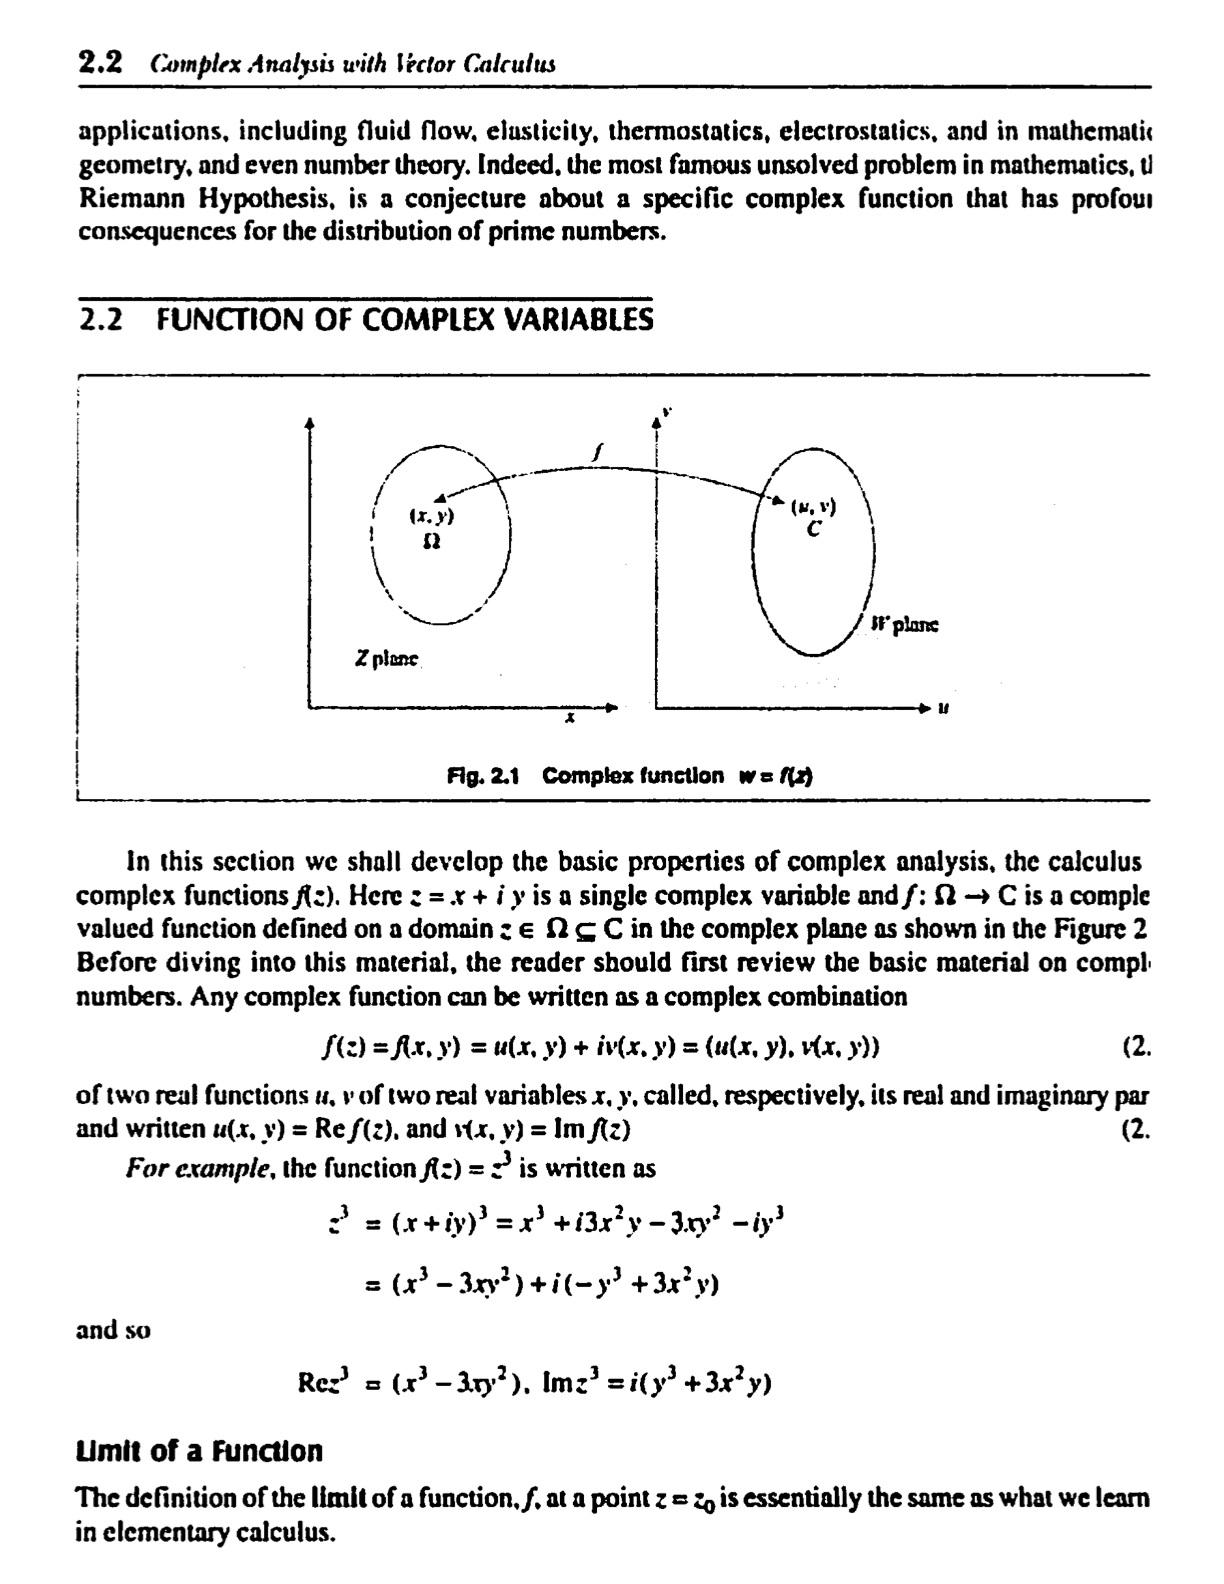 Plagiarism in mathematics